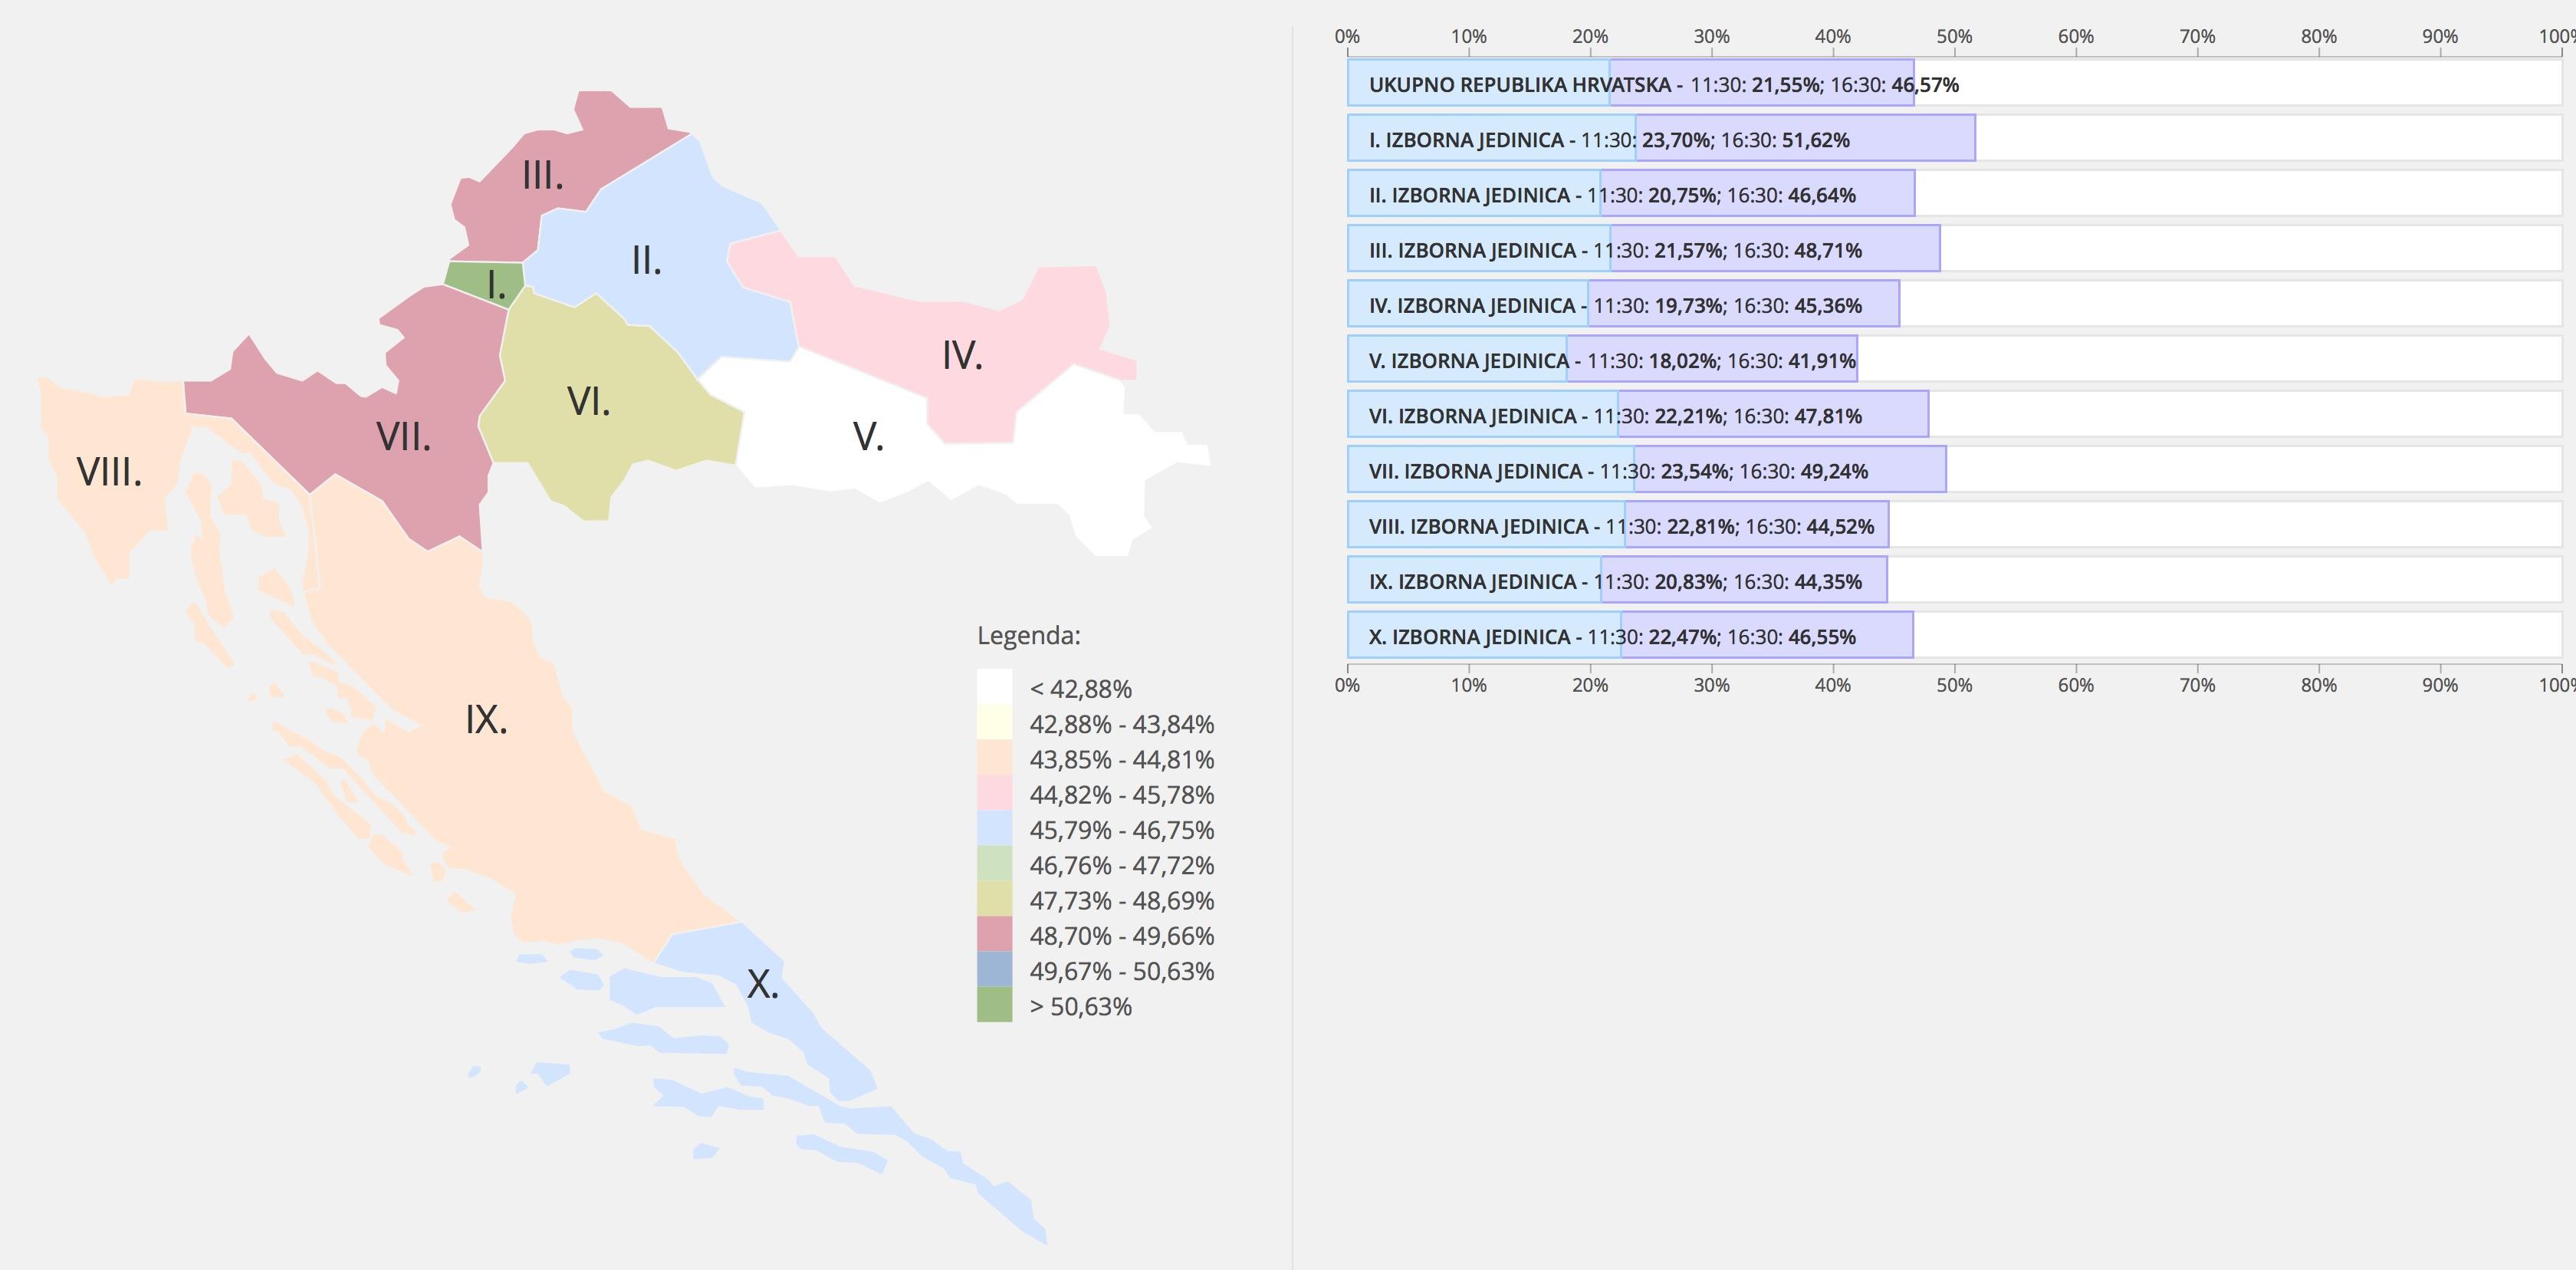 Wahlbeteiligung Parlamentswahlen 2015 in Kroatien. Stand 16:30 Uhr